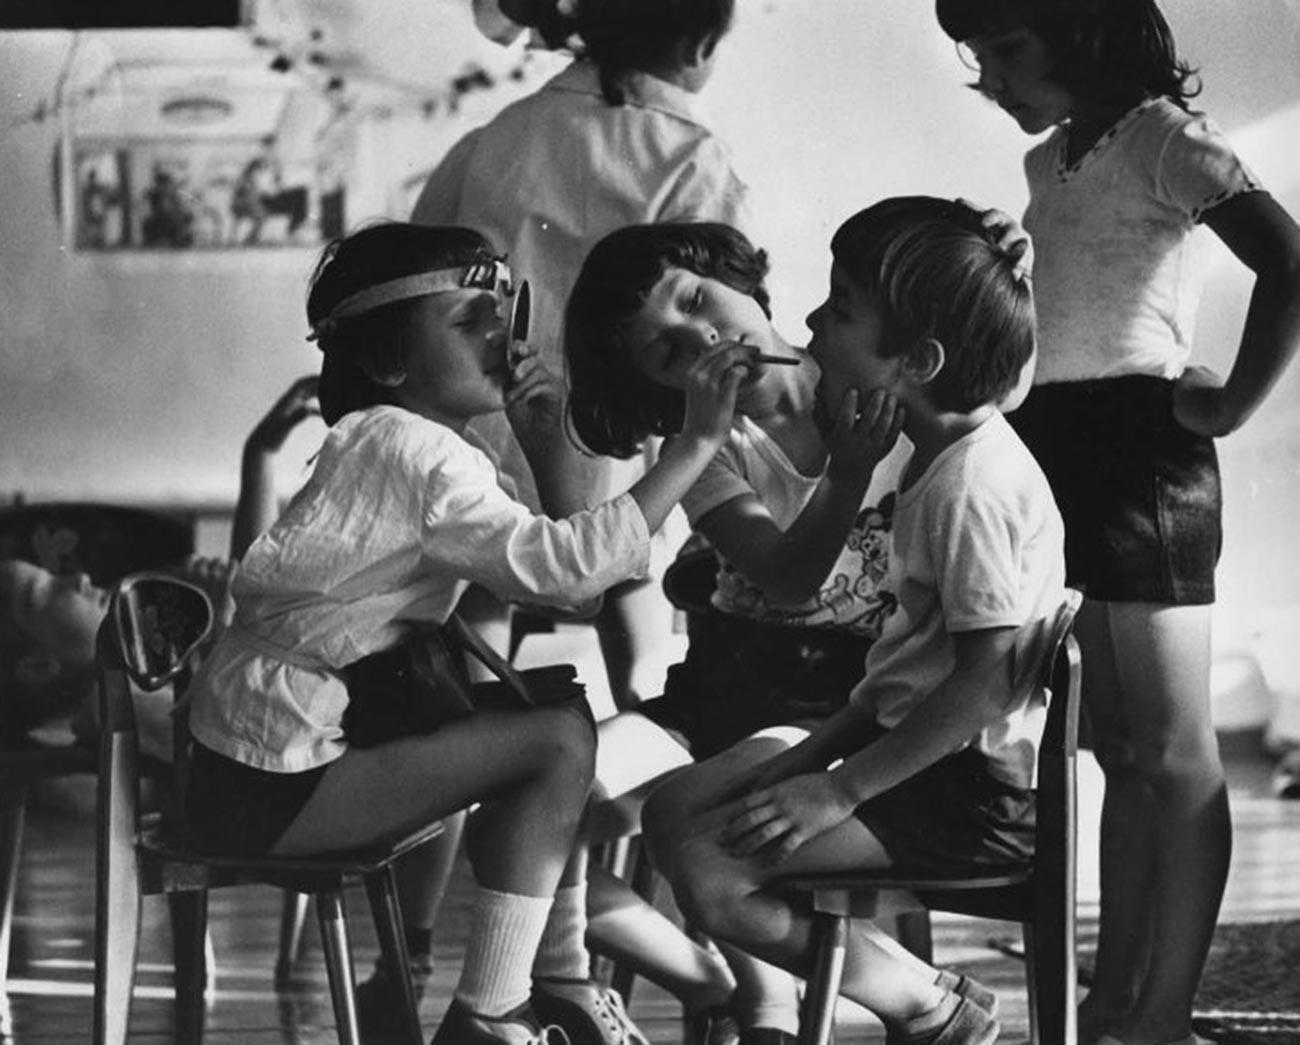 Деца се играју зубара у обданишту, 1985.